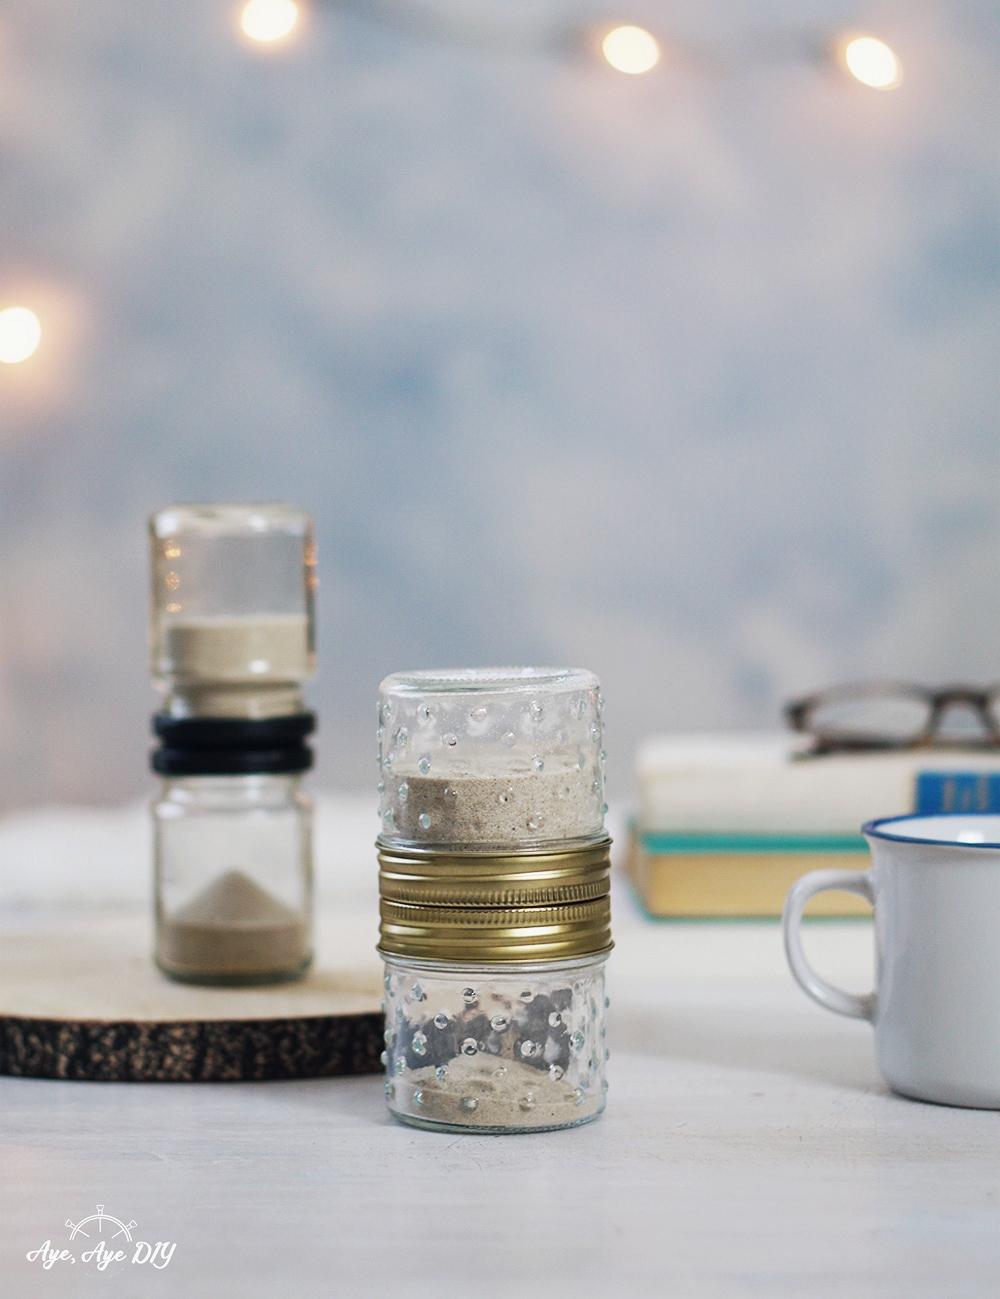 Sanduhr selber bauen: Altglas Upcycling – Mee(h)r Zeit für dich